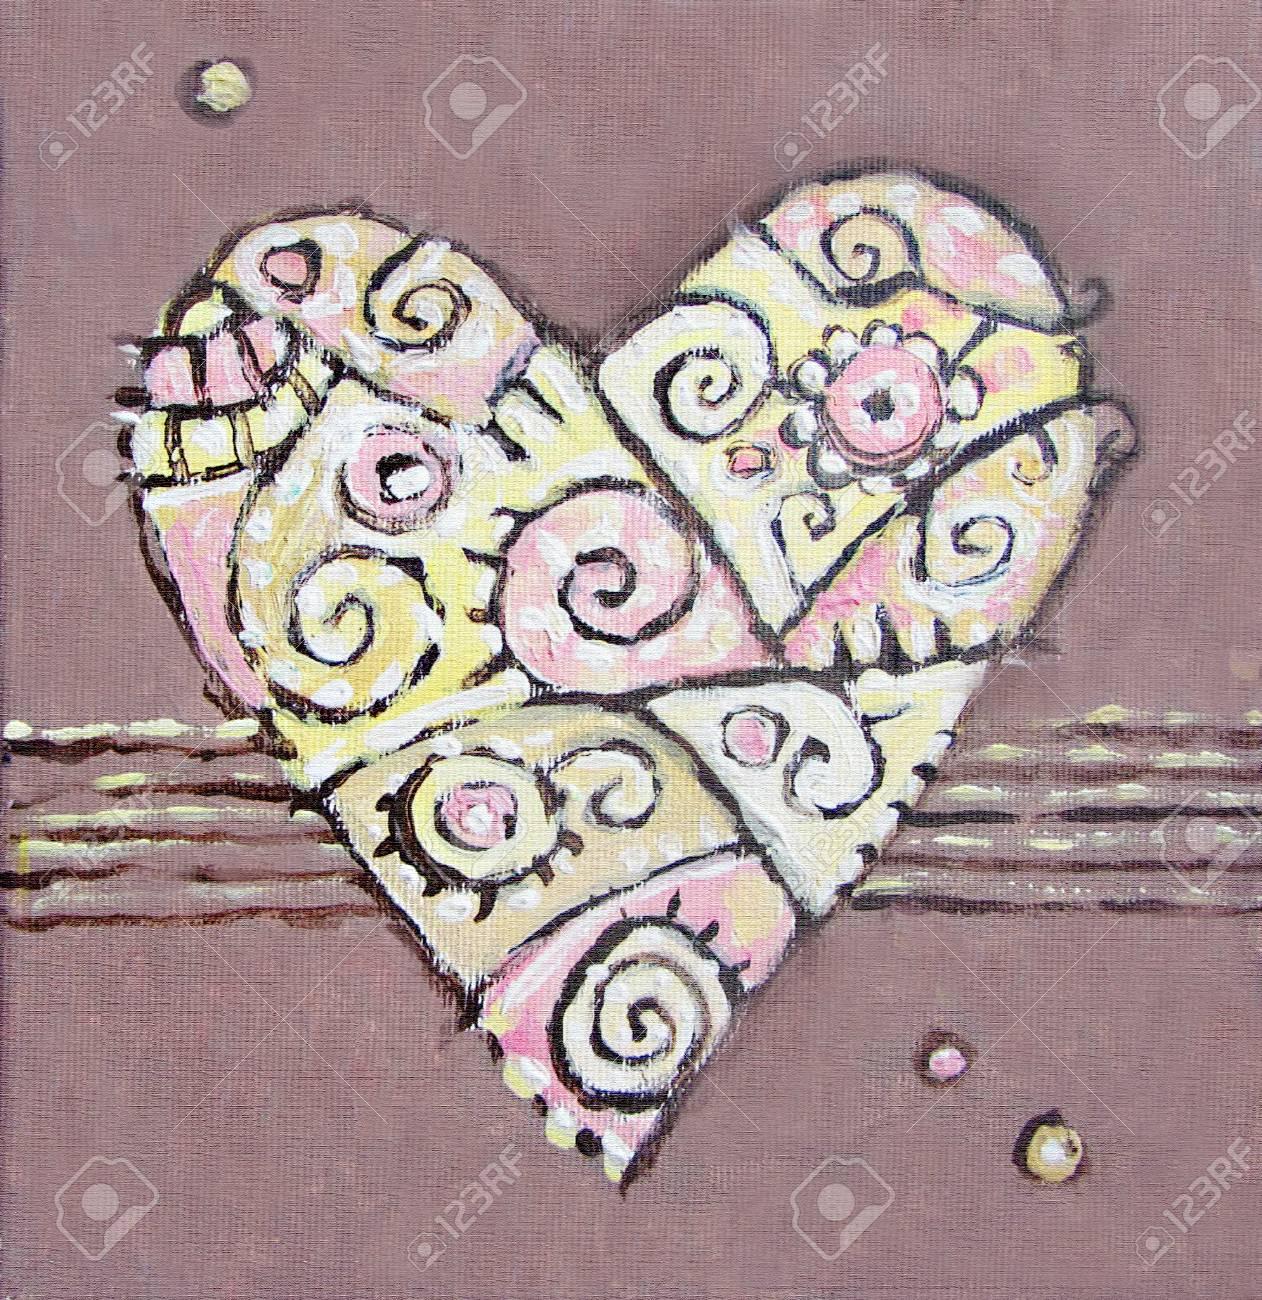 Herzbild Braun Rot Herz Acryl Gemalde Geschenk